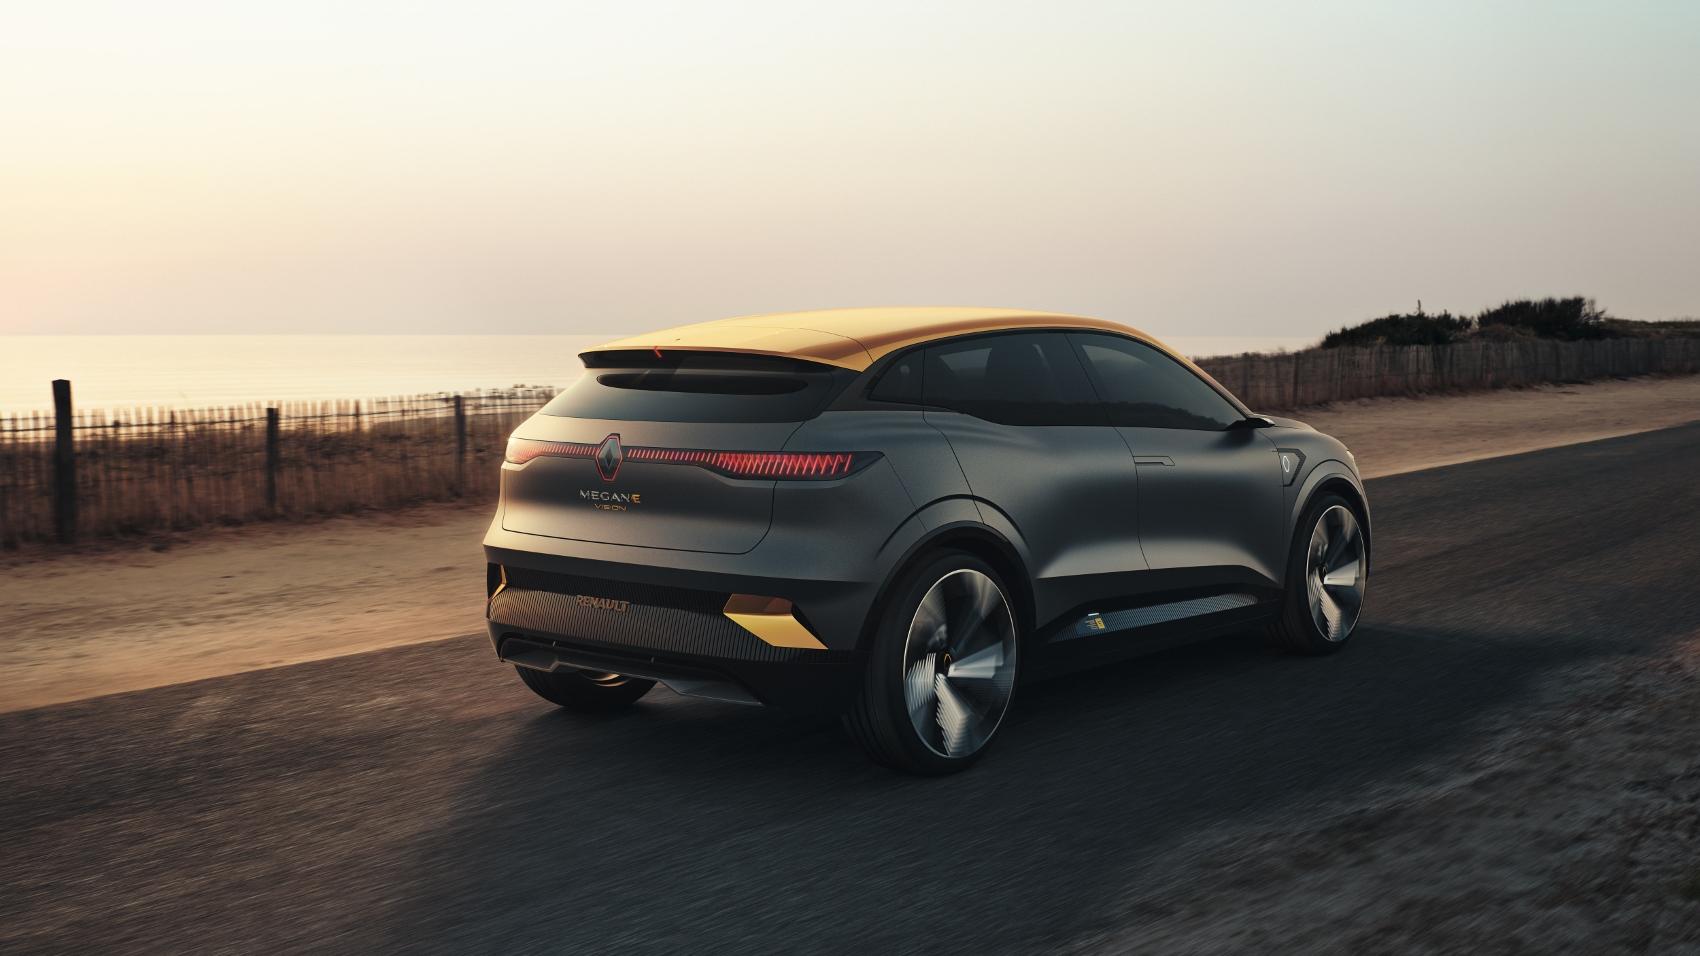 Renault ukázal elektrický koncept Megane. Na tradičný Megane sa nepodobá 8cubvQvRkt 2020-mgane-evisi